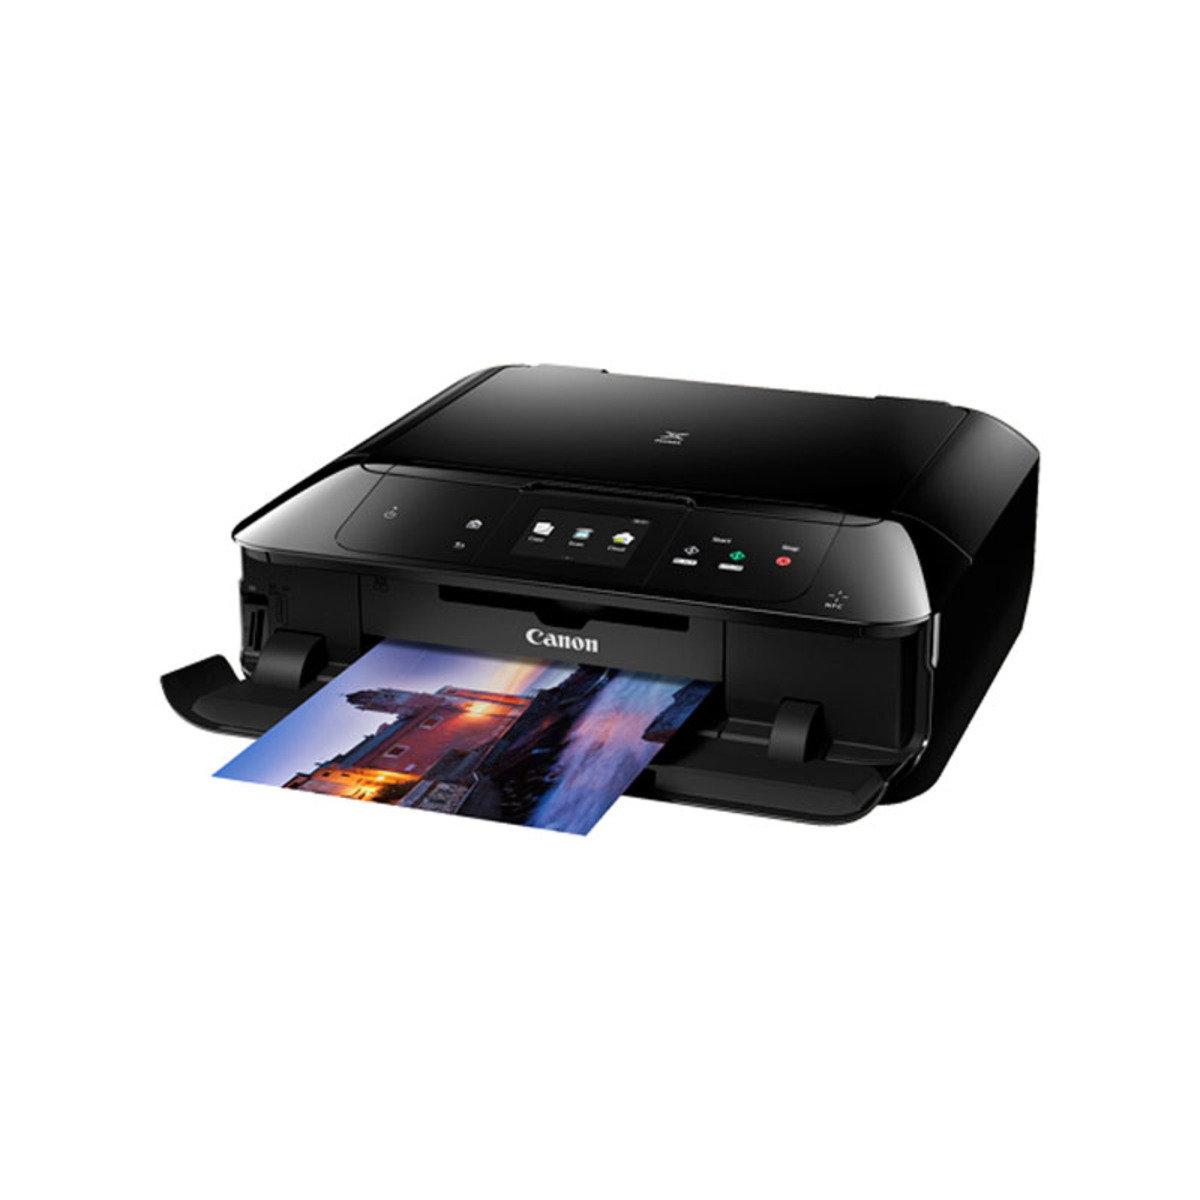 彩色打印 掃瞄 影印 多合一噴墨相片打印機 MG7770 黑色